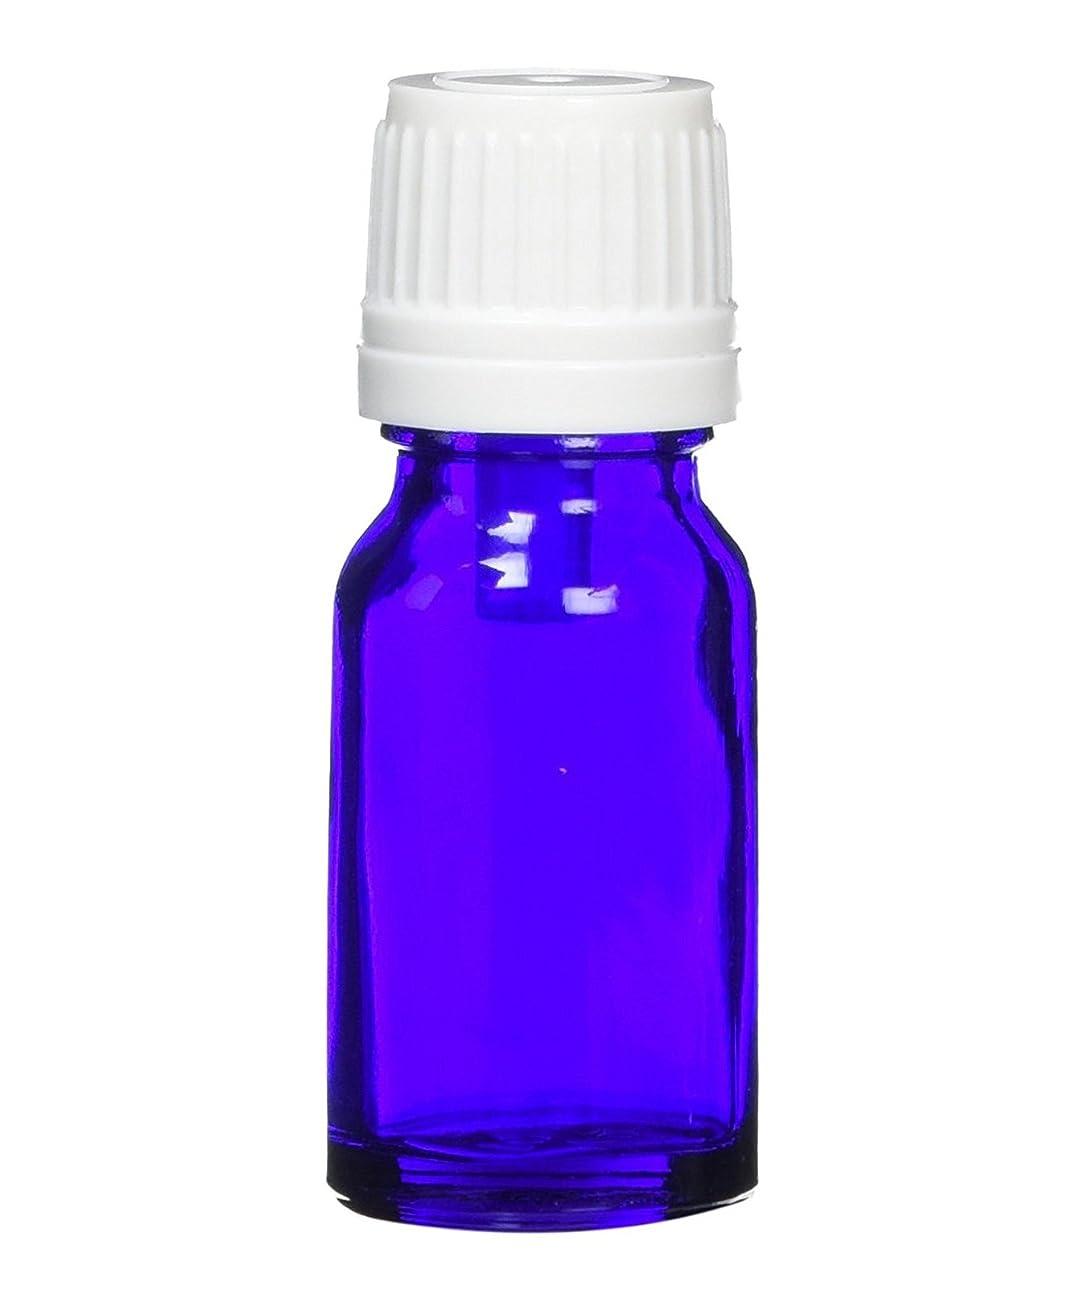 ディレイ固めるグラディスease 遮光ビン ブルー 10ml×5本